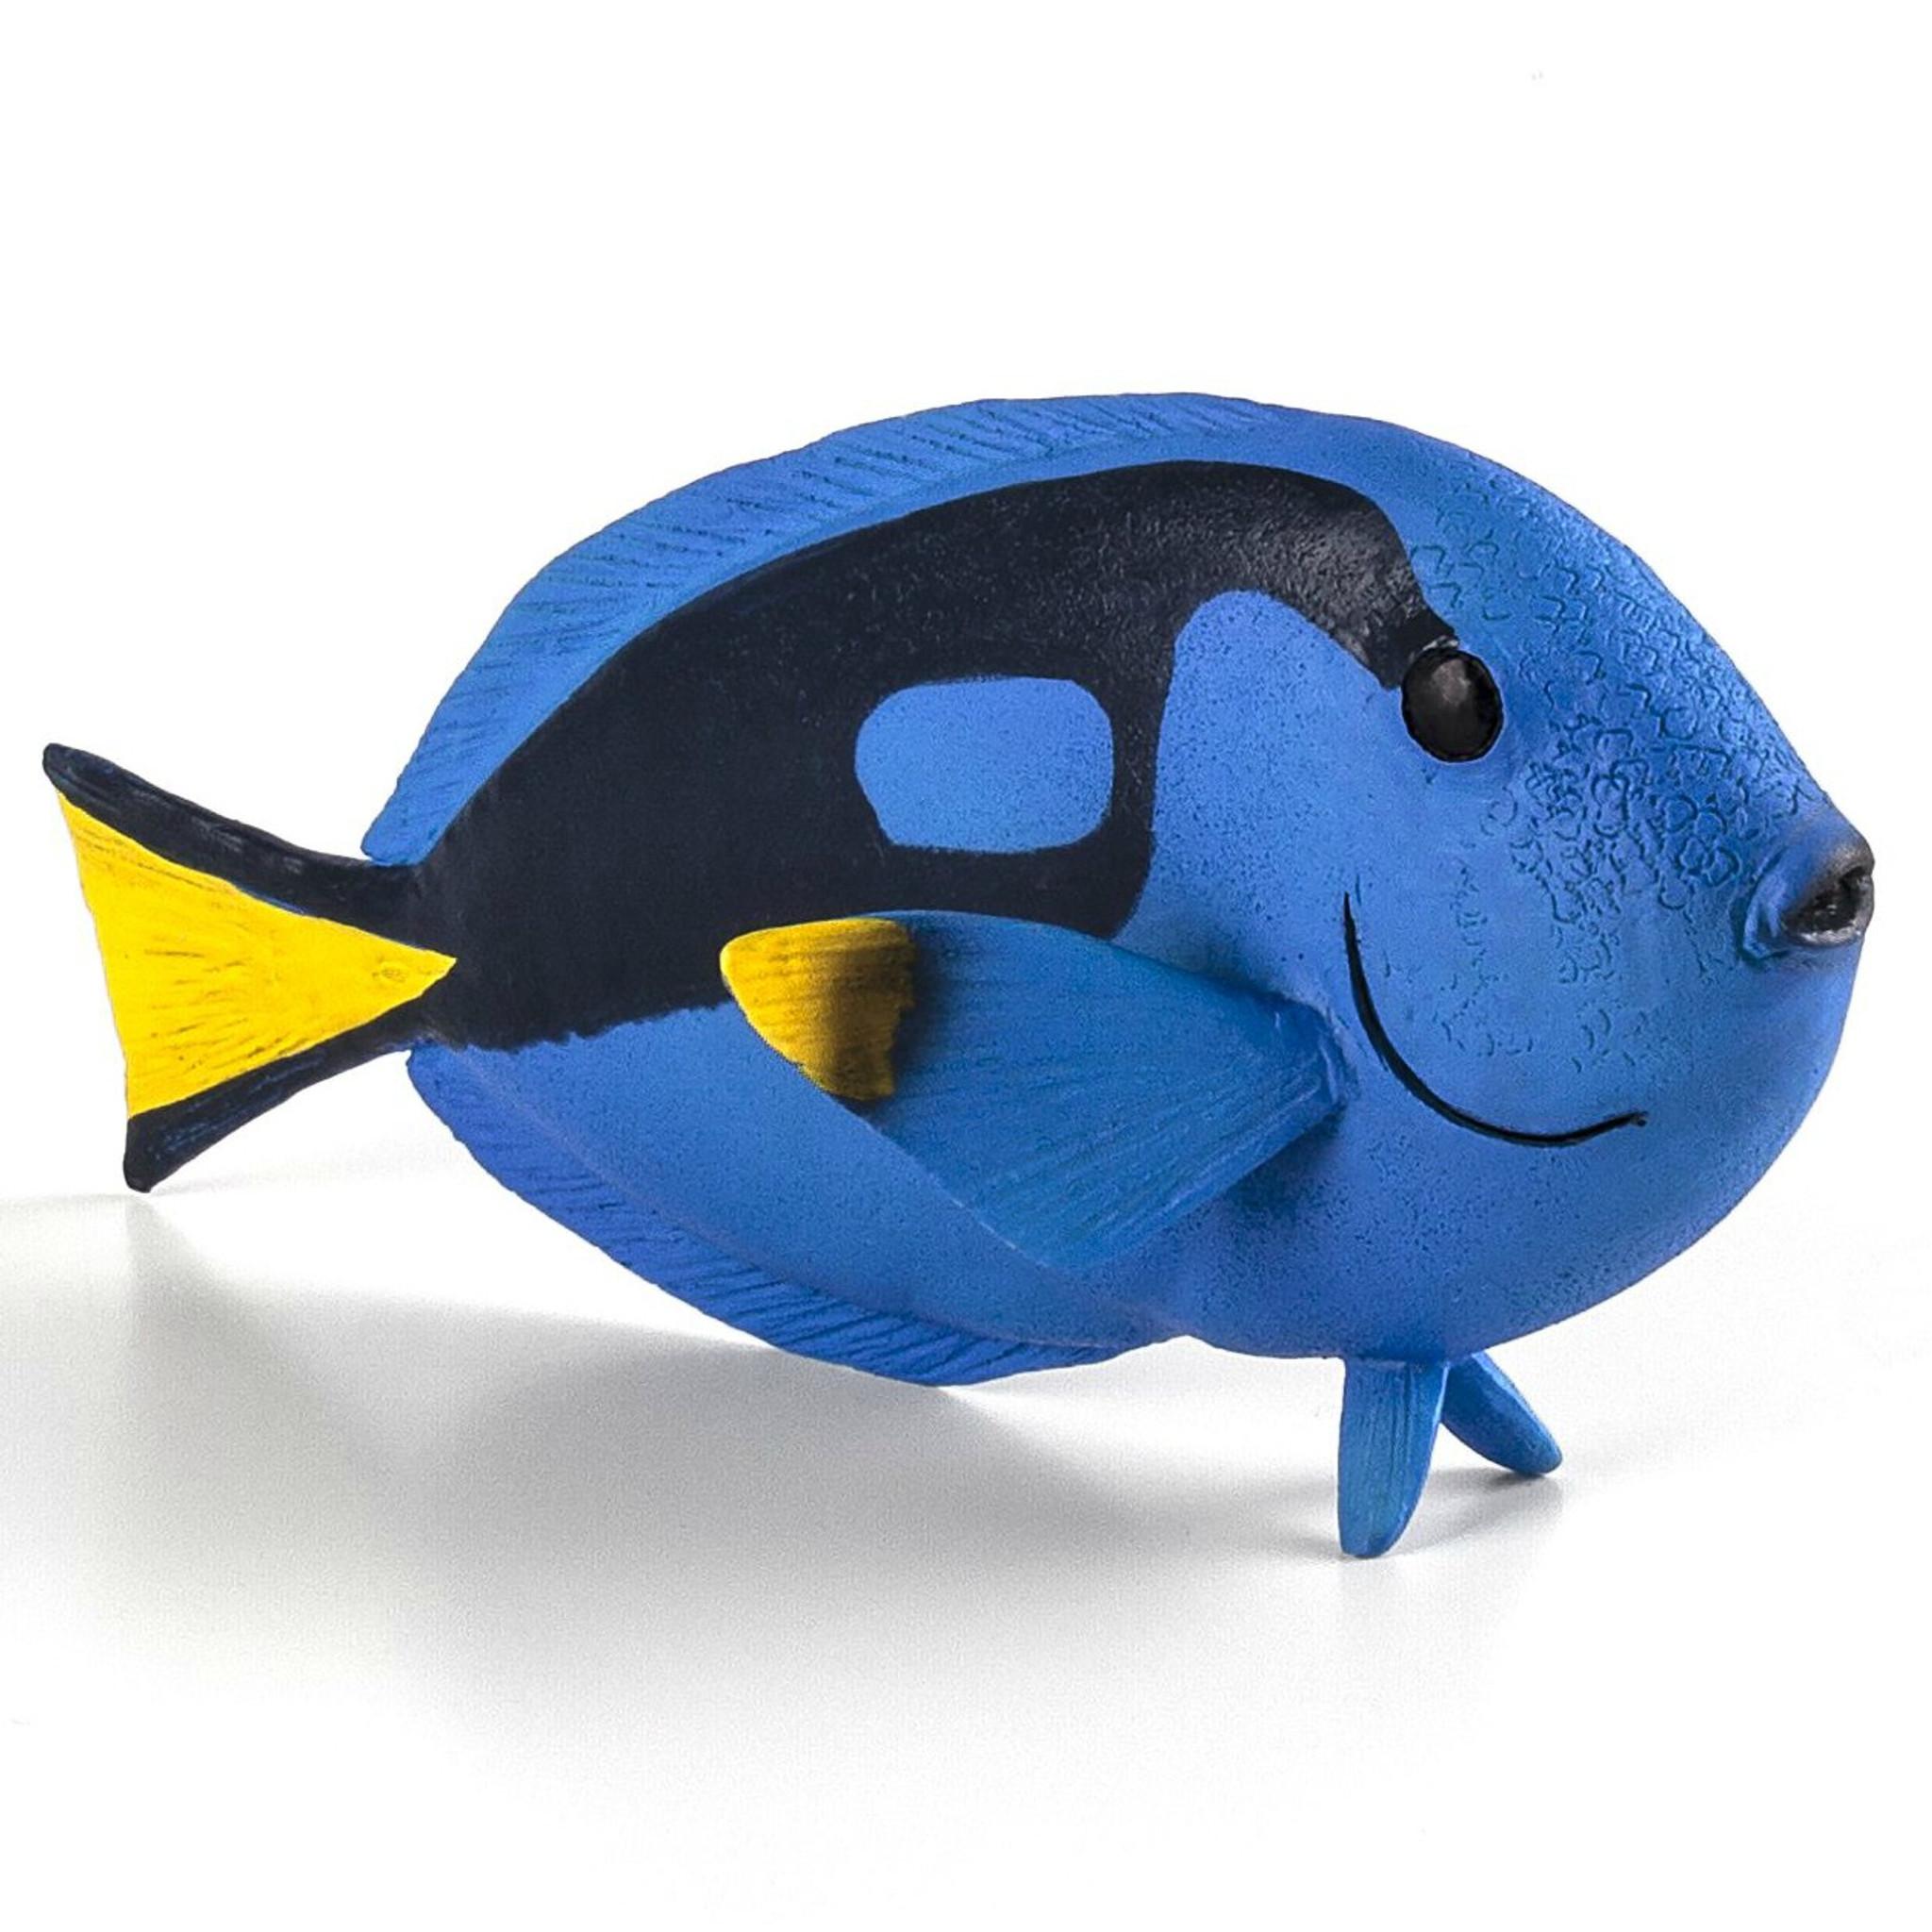 Mojo blue tang fish 387269 free shipping for Blue tang fish facts